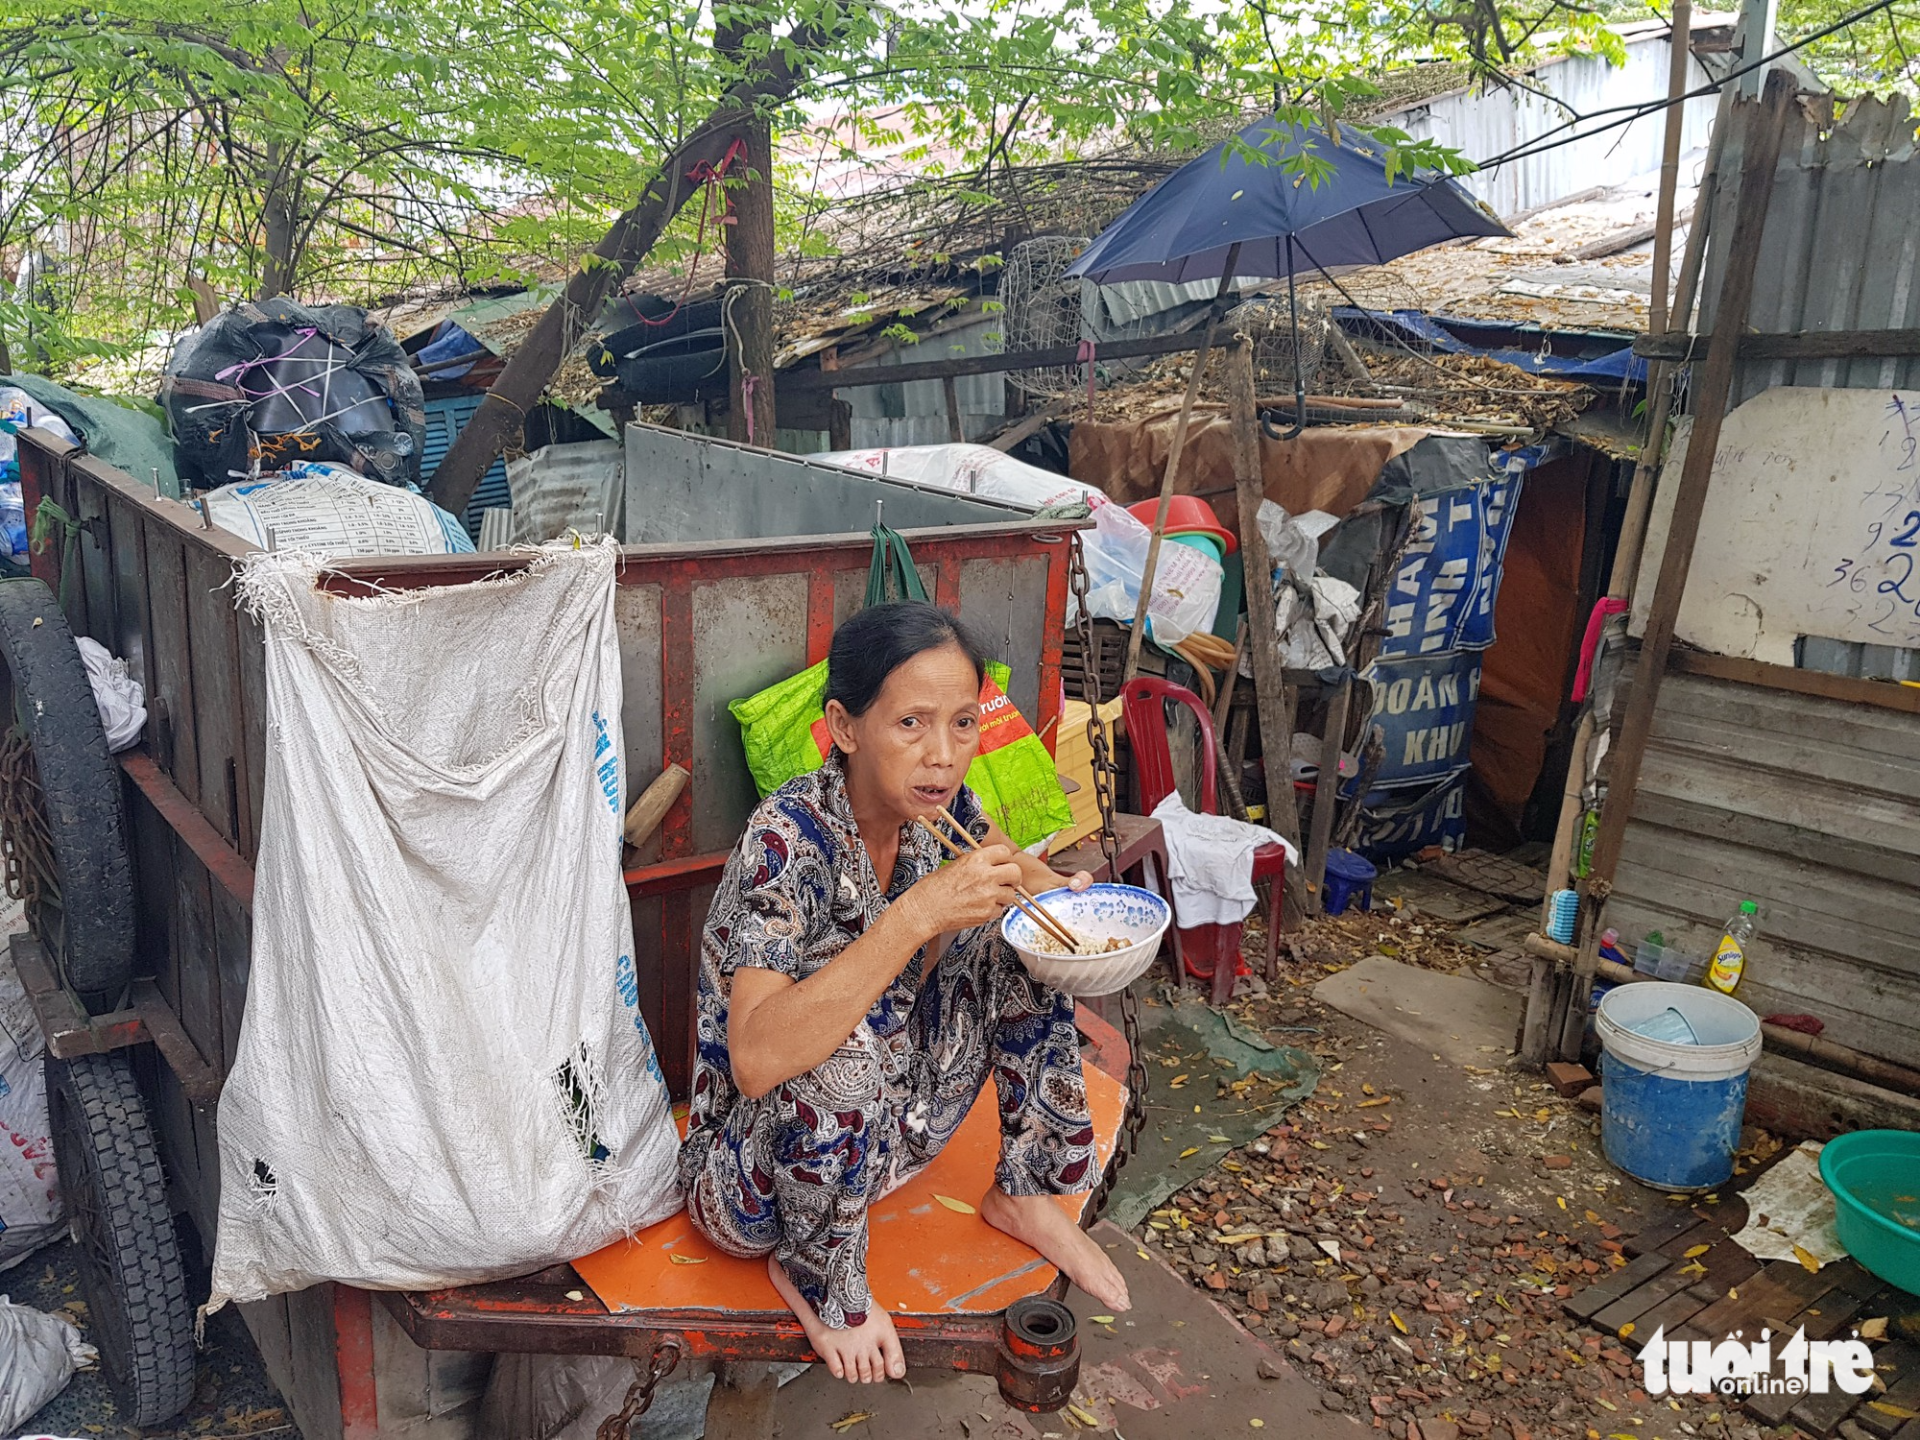 Hồ sơ Đời... rác - Kỳ cuối: Ký ức đất Sở Thùng ở Sài Gòn - Ảnh 2.